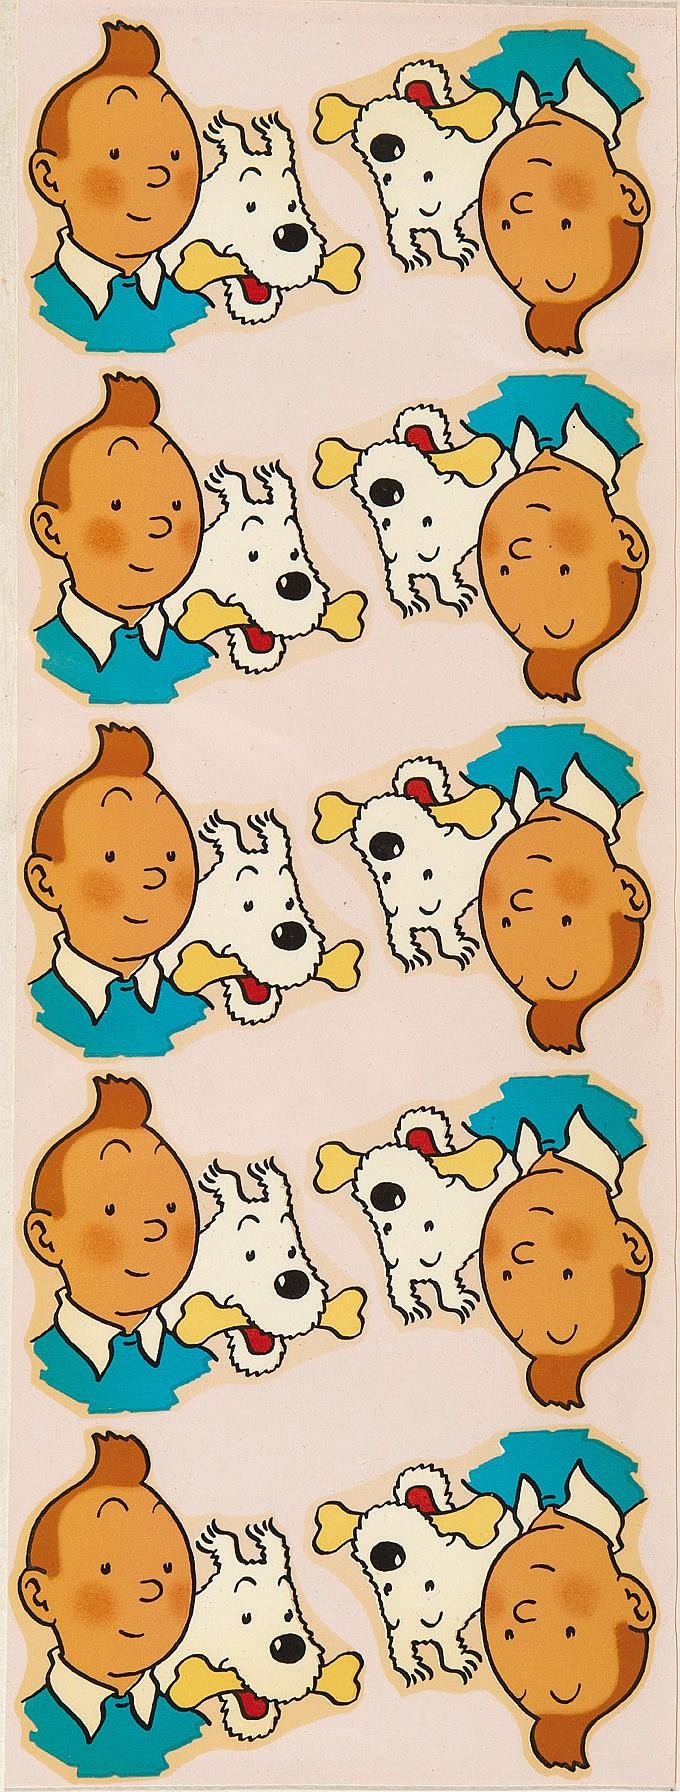 Décalcomanies Tintin. Collection de 4 feuillets dans les années 1950.